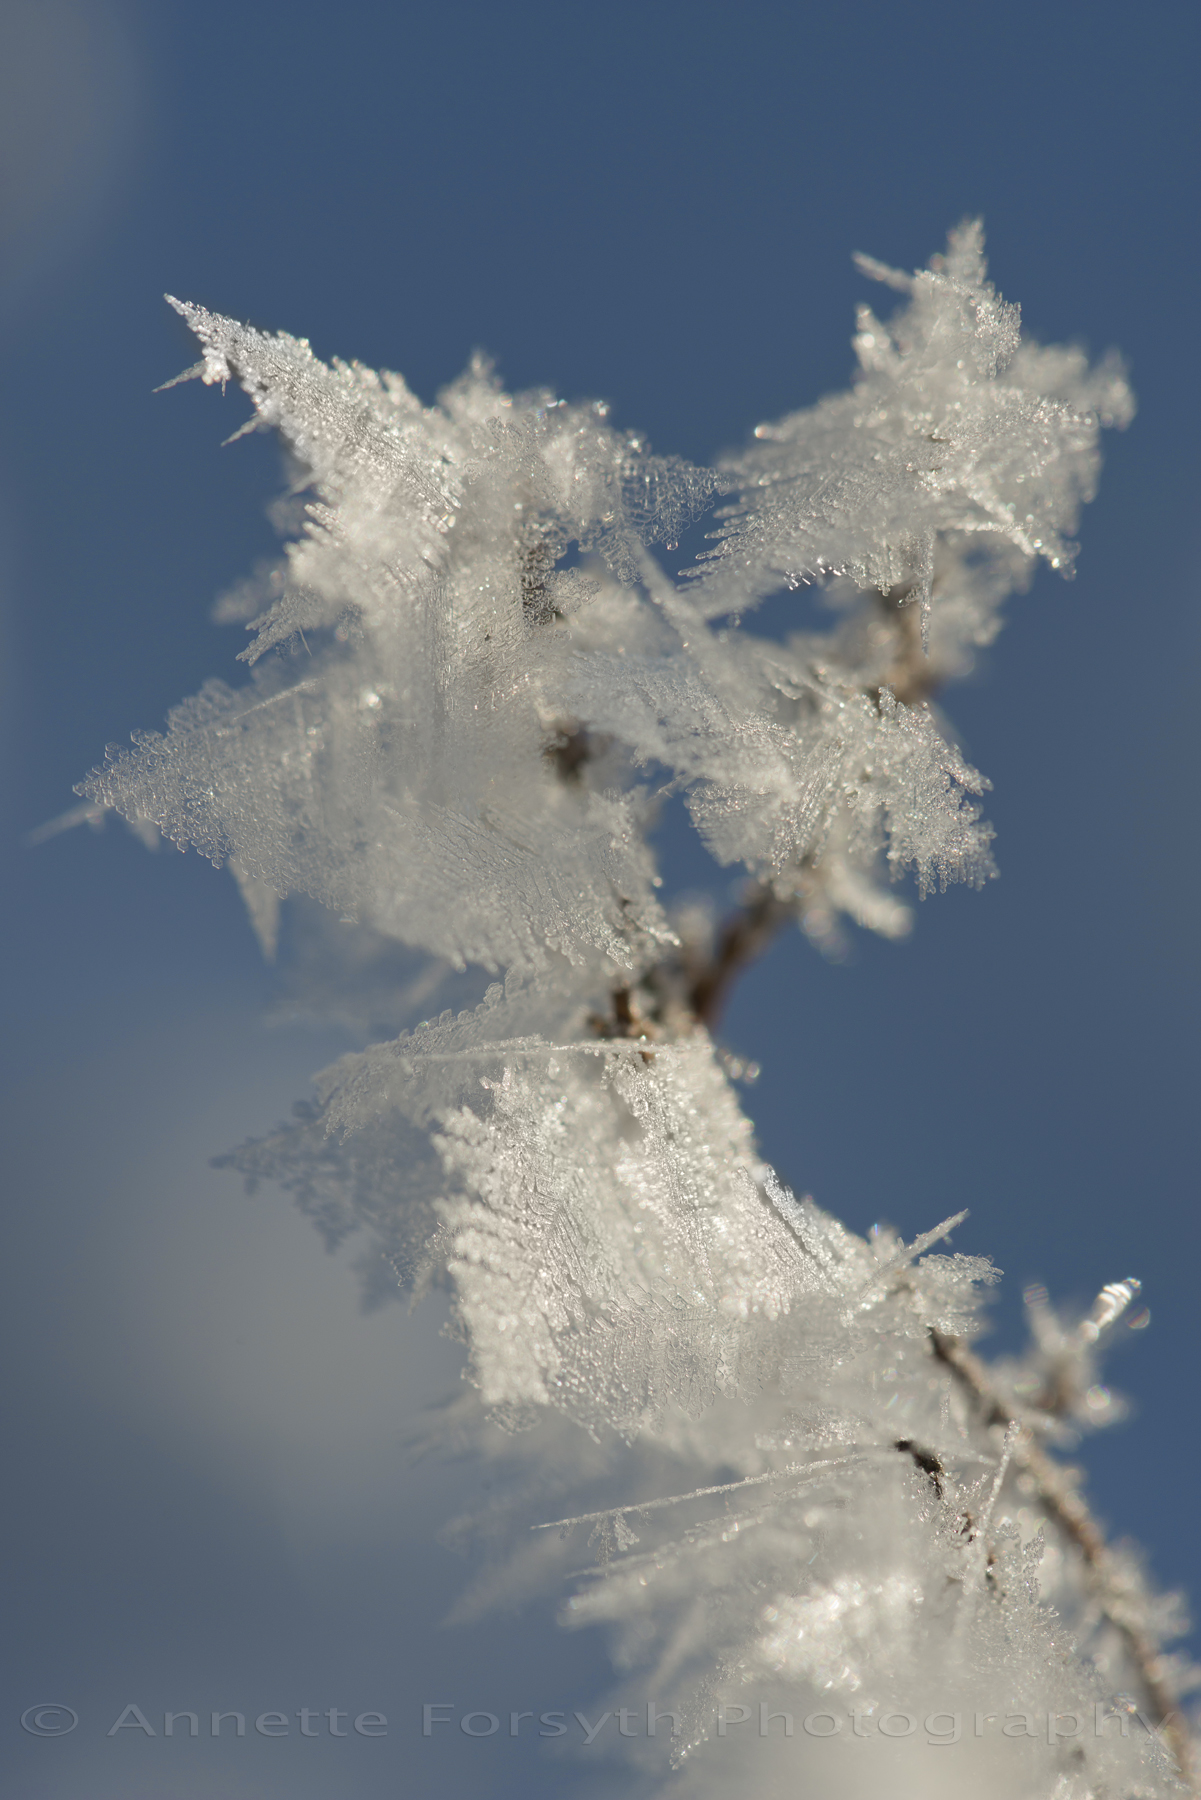 Frosty Lace